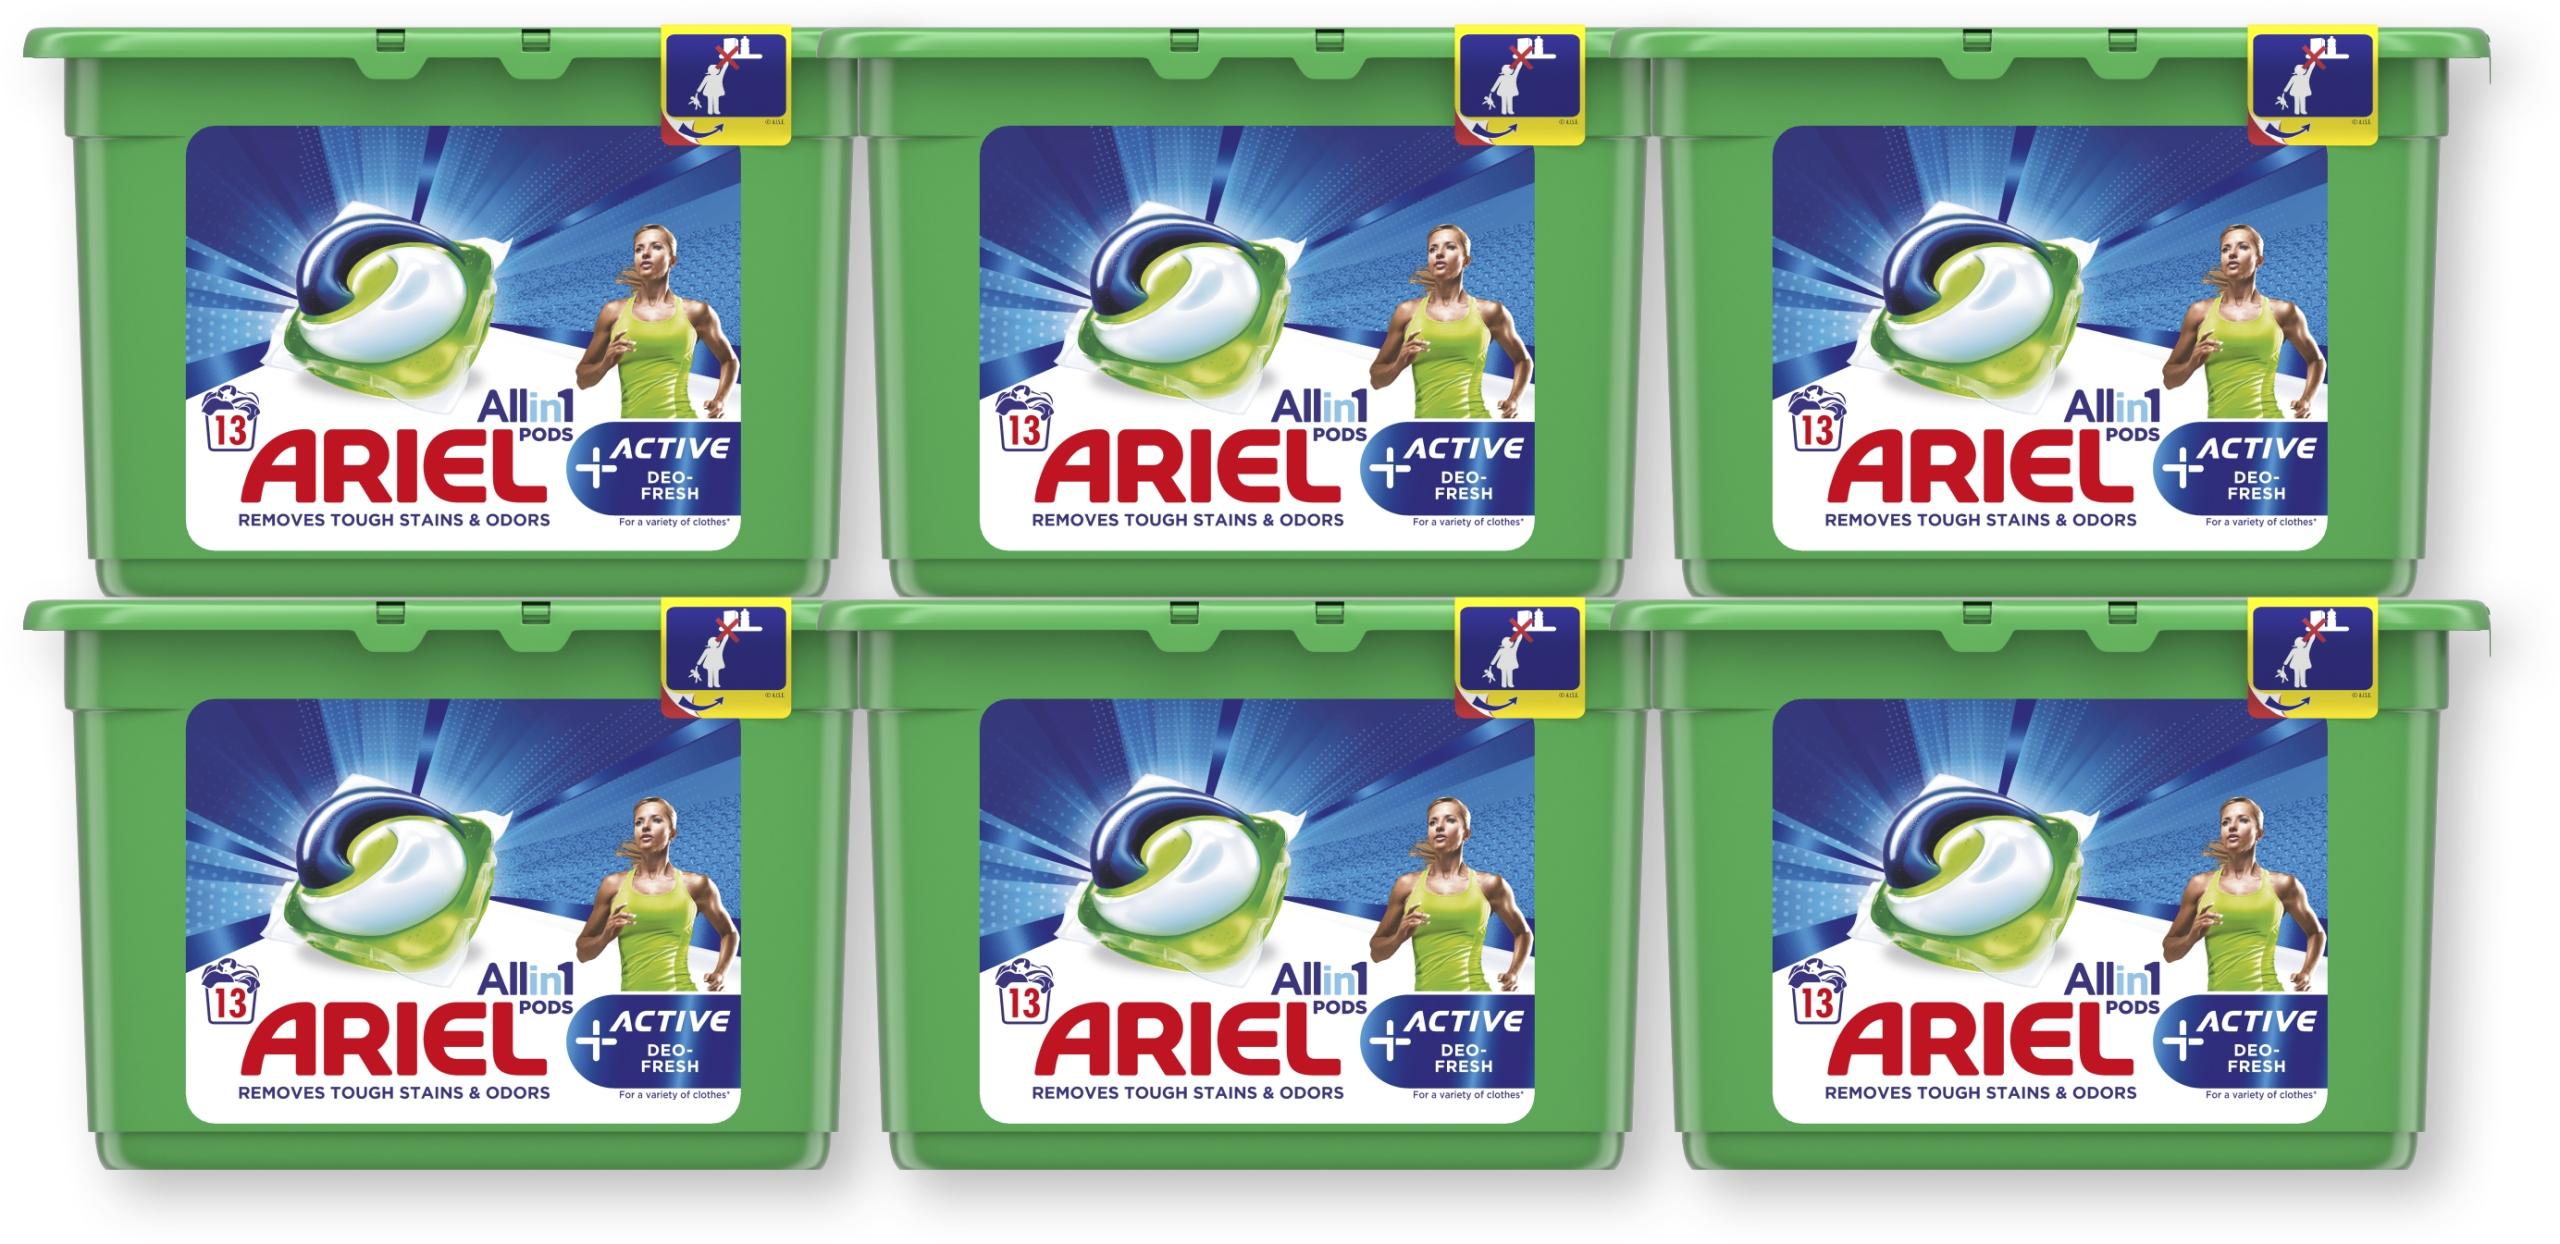 Ariel kapsułki do prania Active 6x13 szt